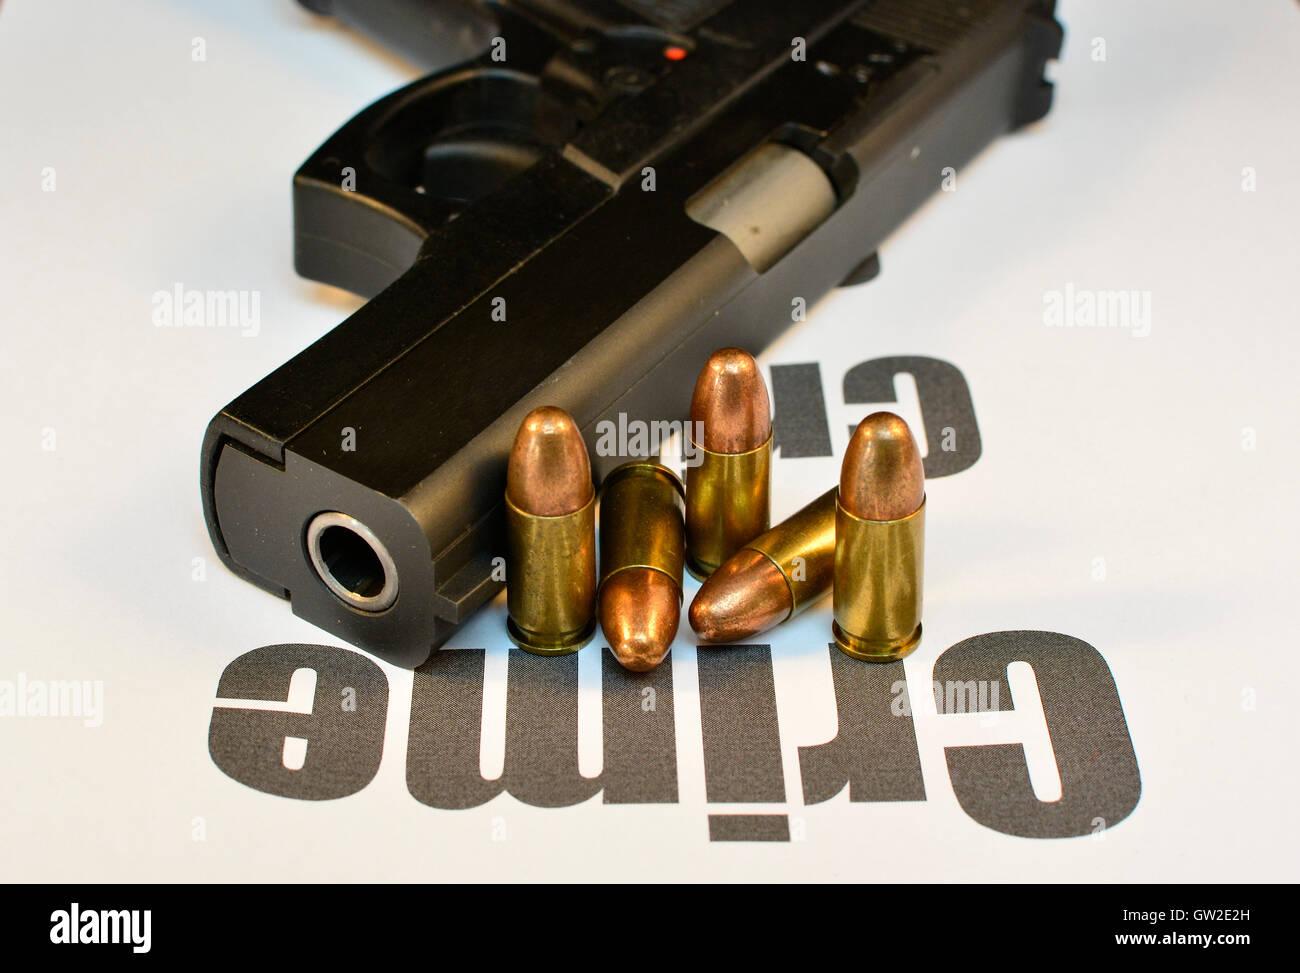 Il concetto di criminalità. Pistola con proiettili di pistola criminalità violenta, assalto. La ripresa. Immagini Stock